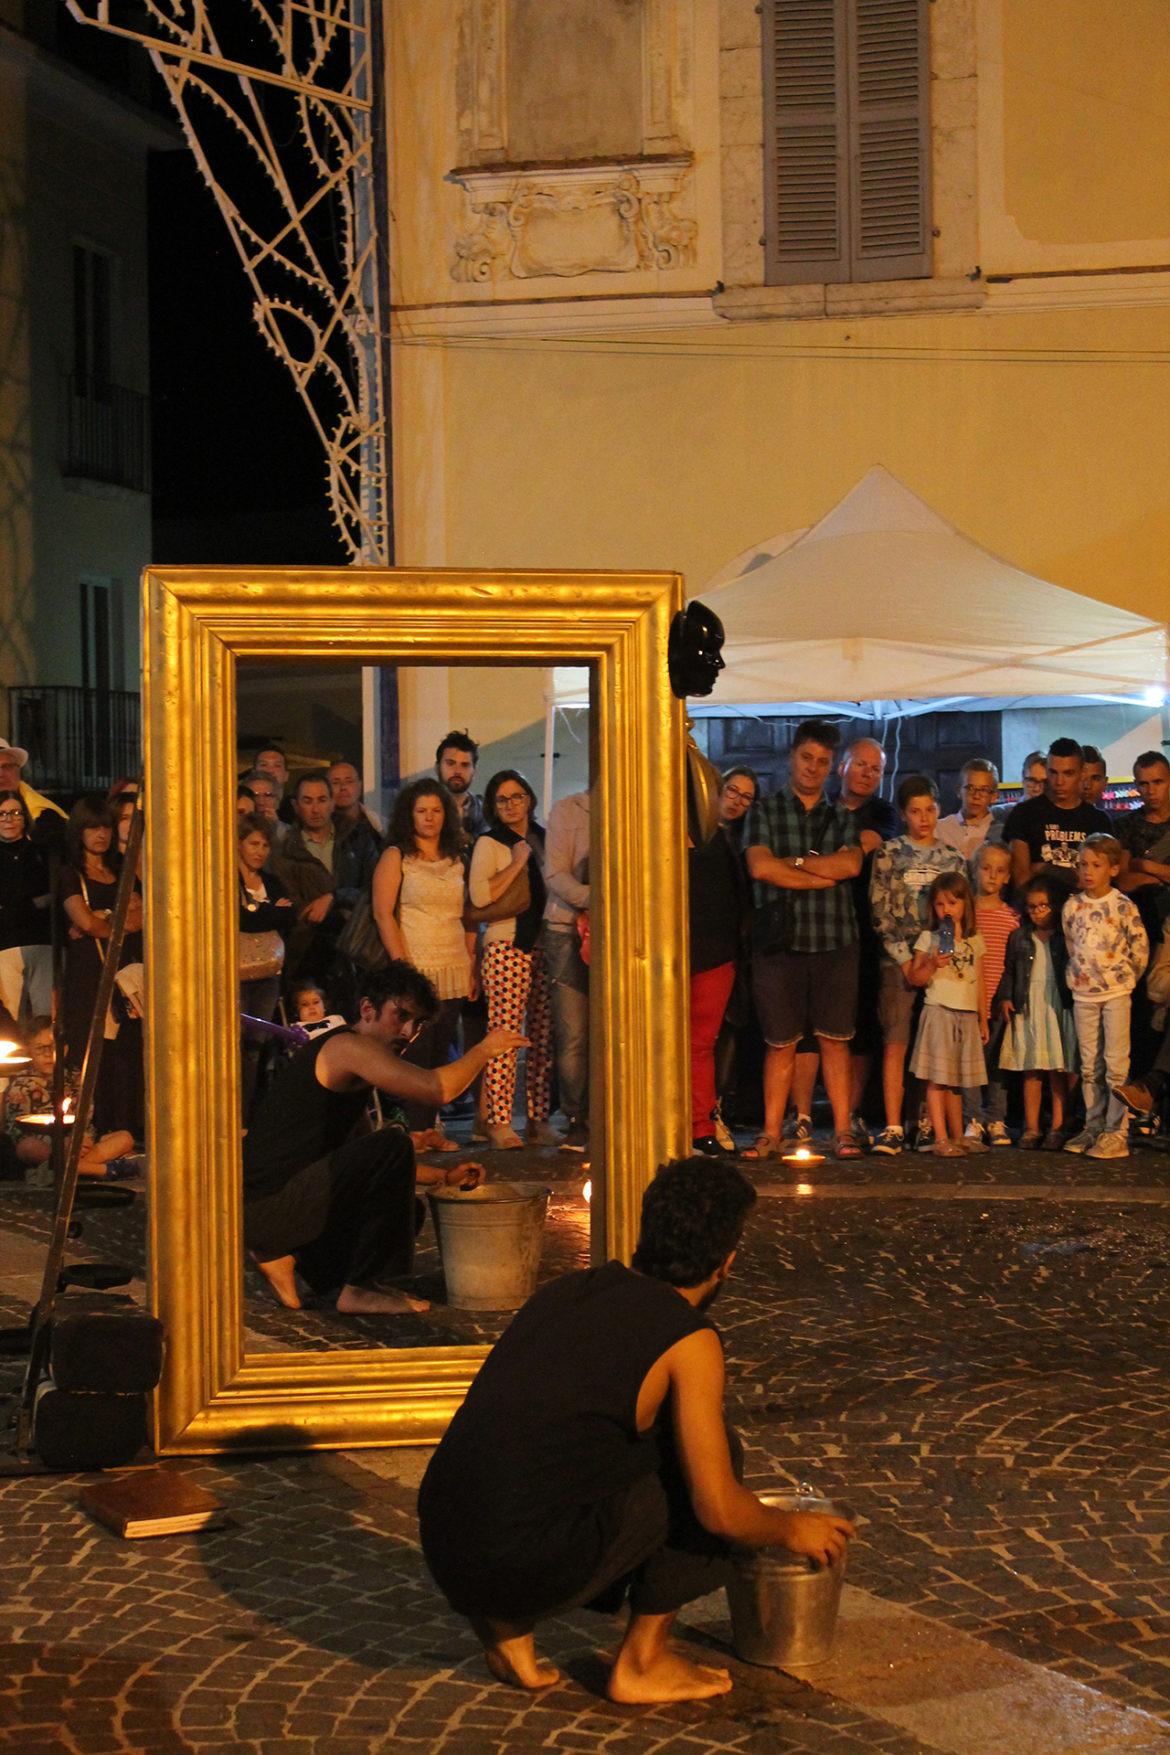 Lo foco oltre lo specchio 10 aedo studio - Oltre lo specchio ...